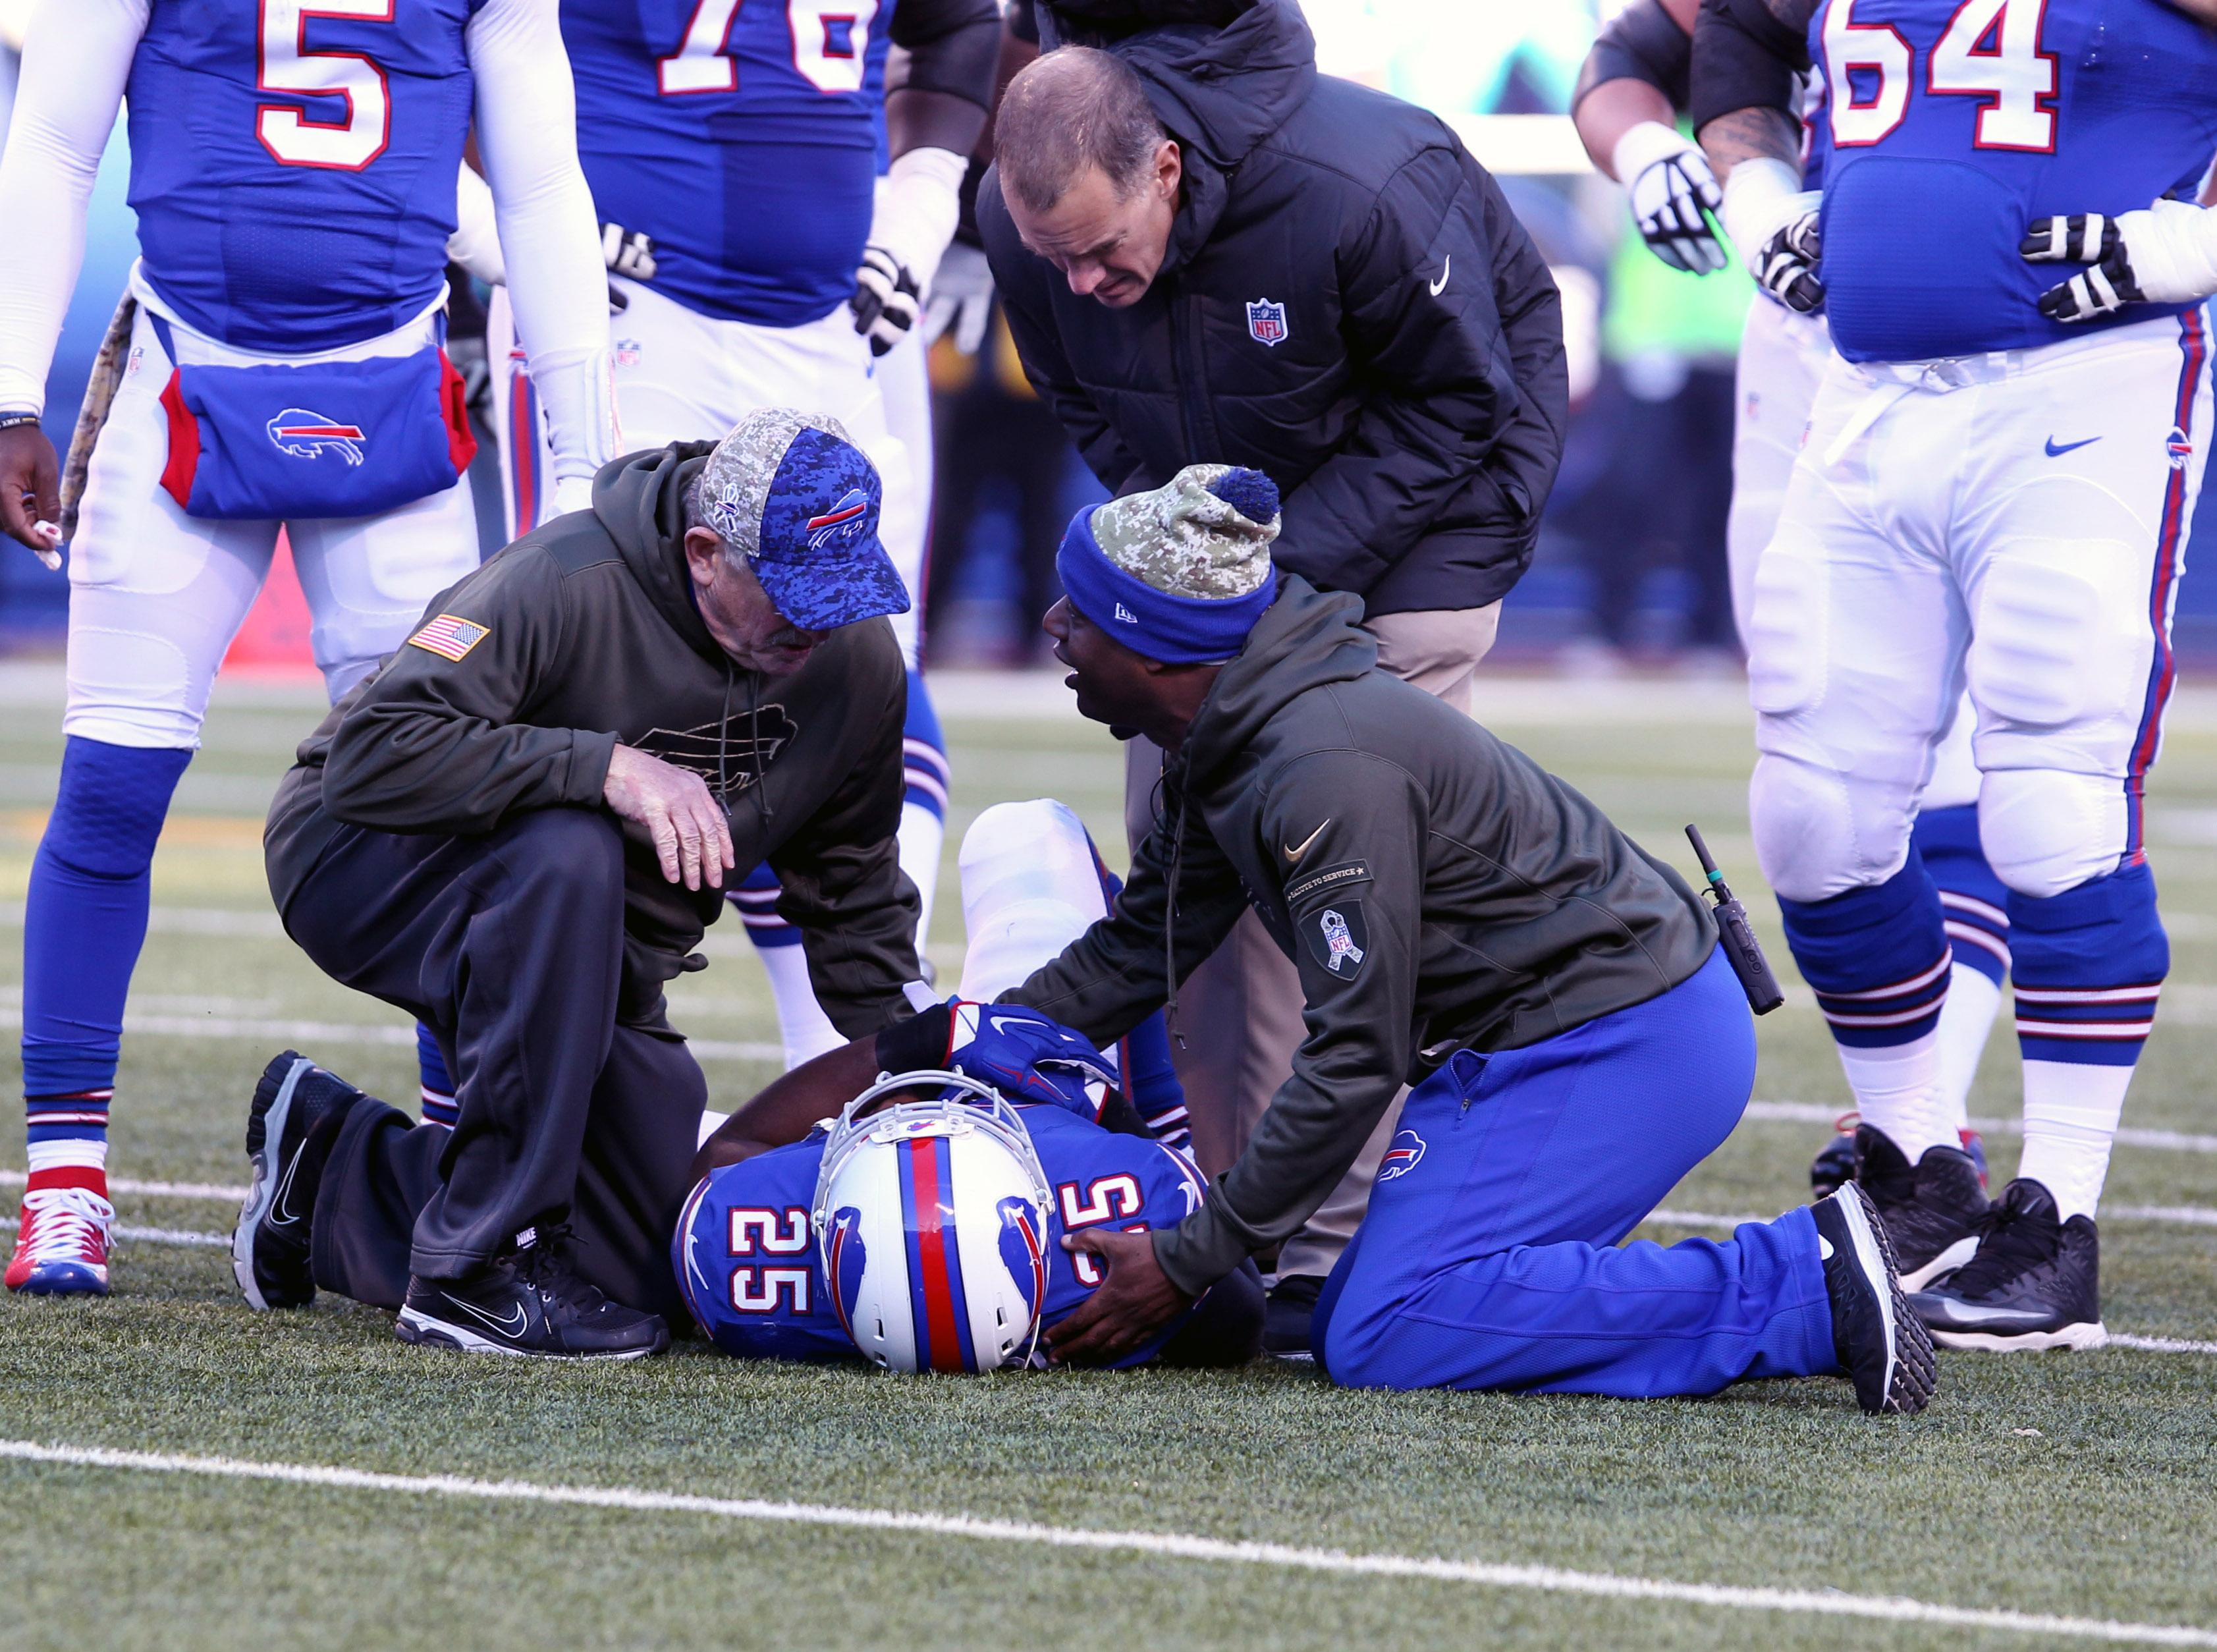 LeSean McCoy injures shoulder; Bills, fantasy owners wait and see